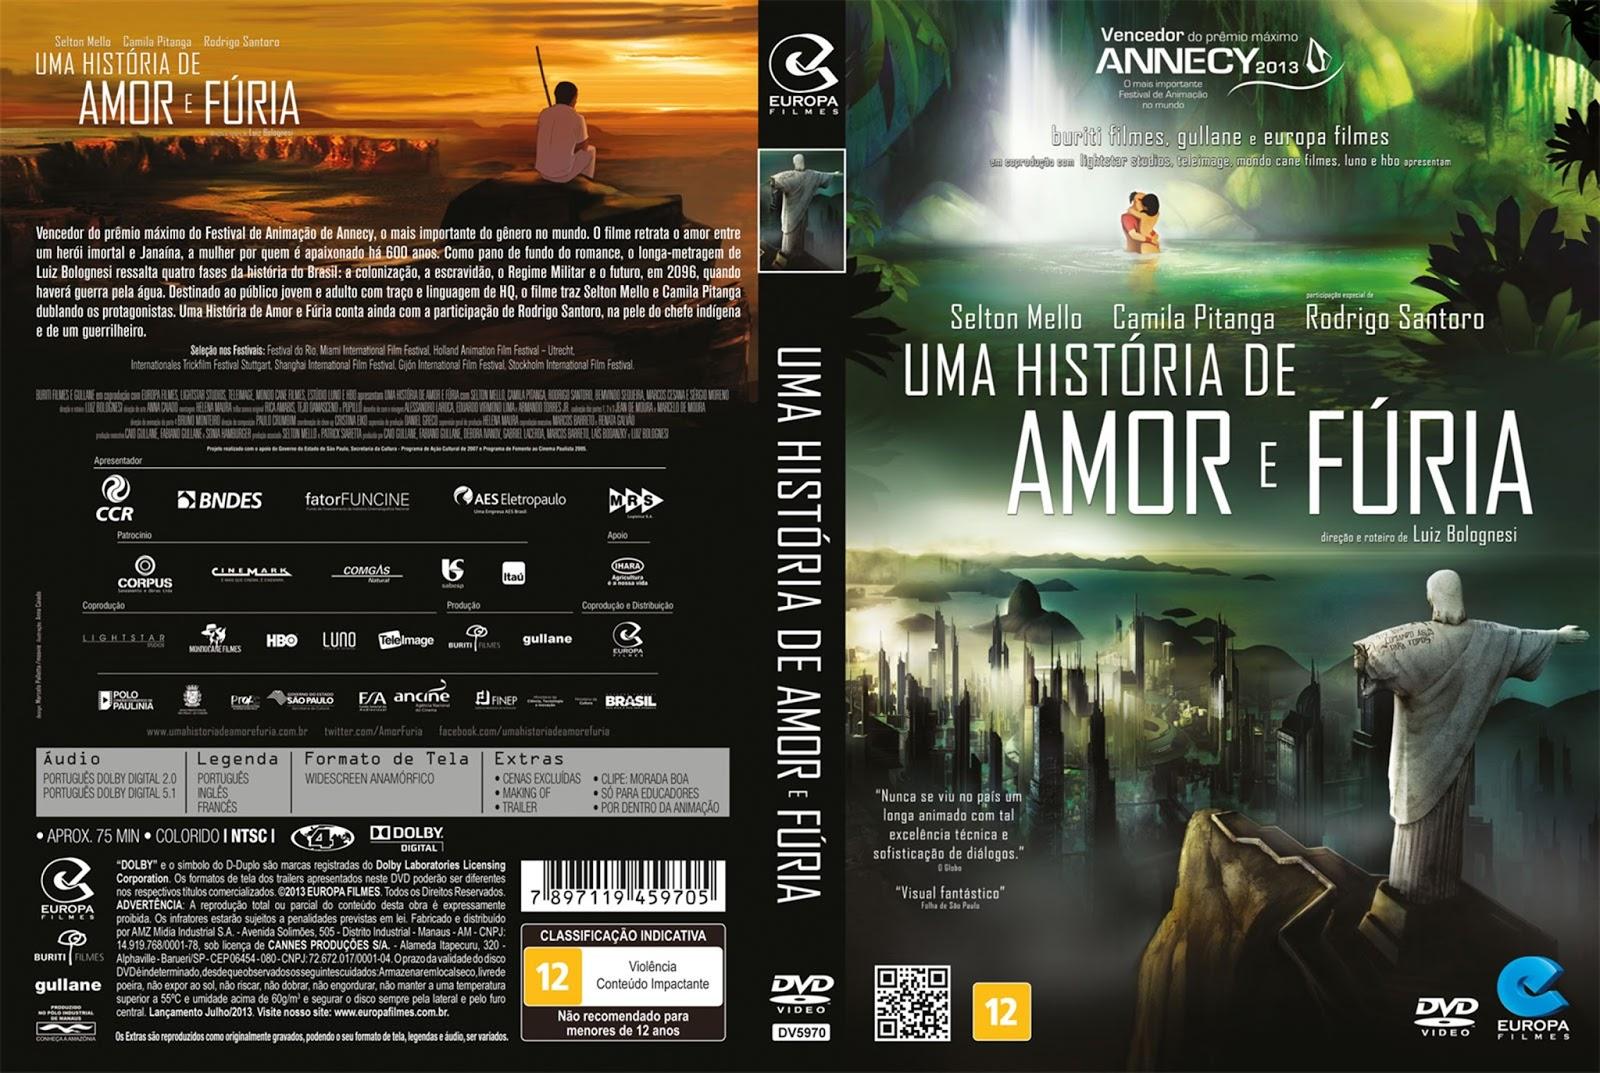 Uma Historia de Amor e Furia Uma+Hist%C3%B3ria+De+Amor+e+Furia